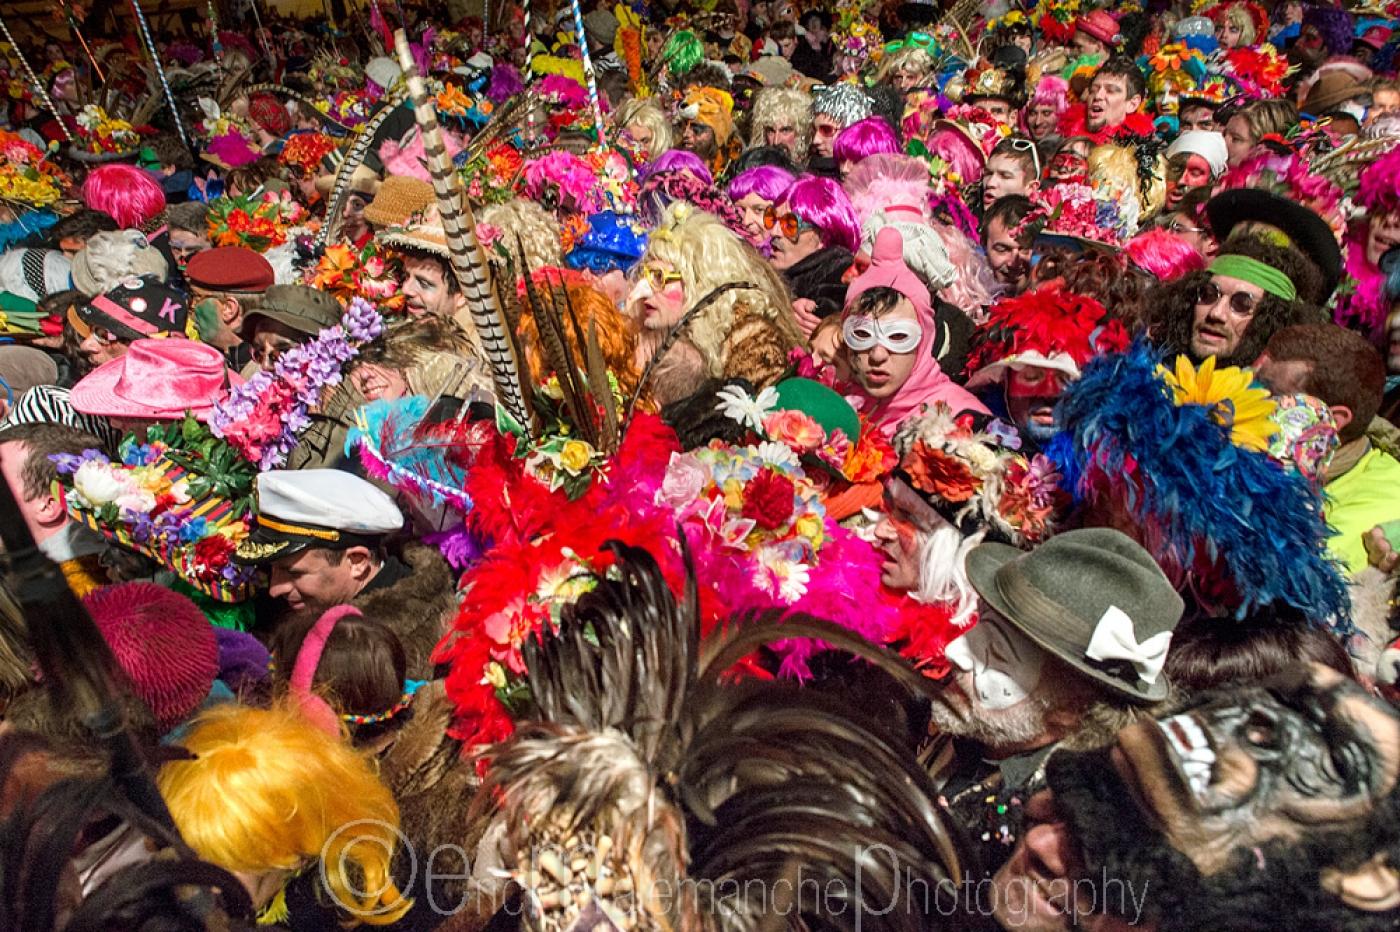 http://www.ericmalemanche.com/imagess/topics/carnaval-de-dunkerque/liste/Carnaval-Dunkerque-6476.jpg